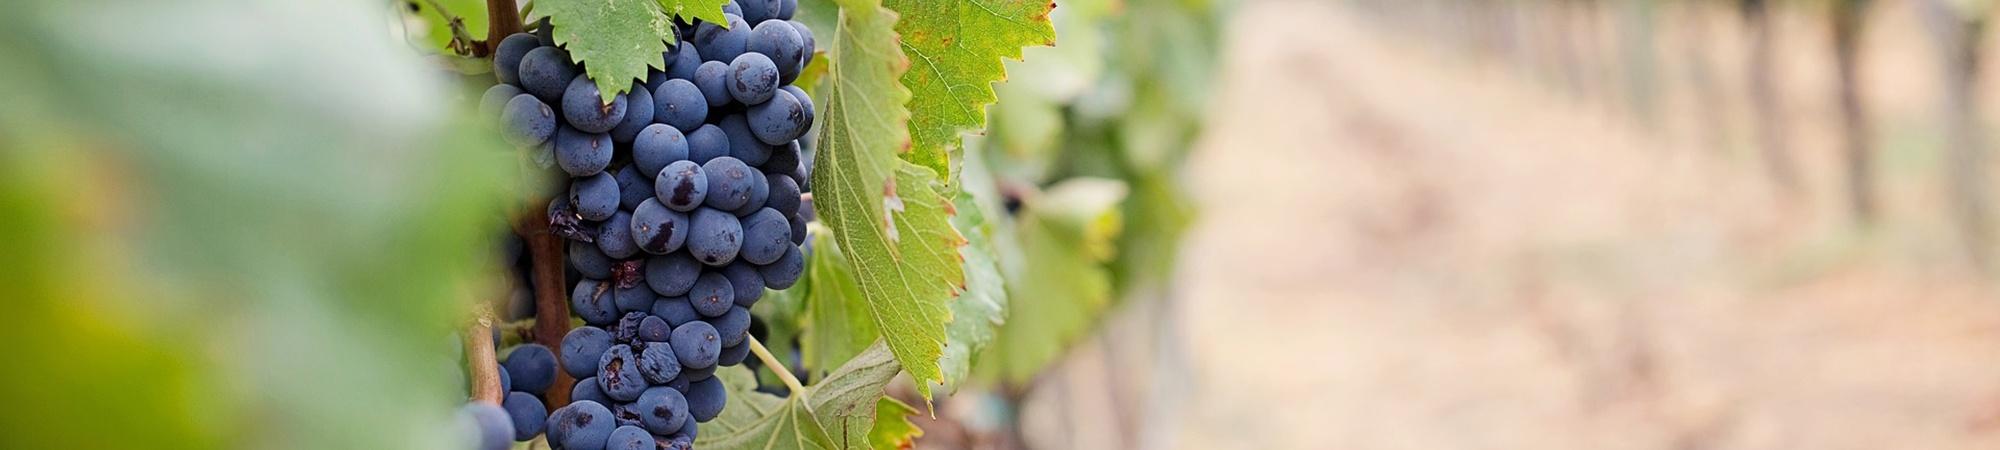 Wein und Kulinarik sowie weinselige Gesellschaft